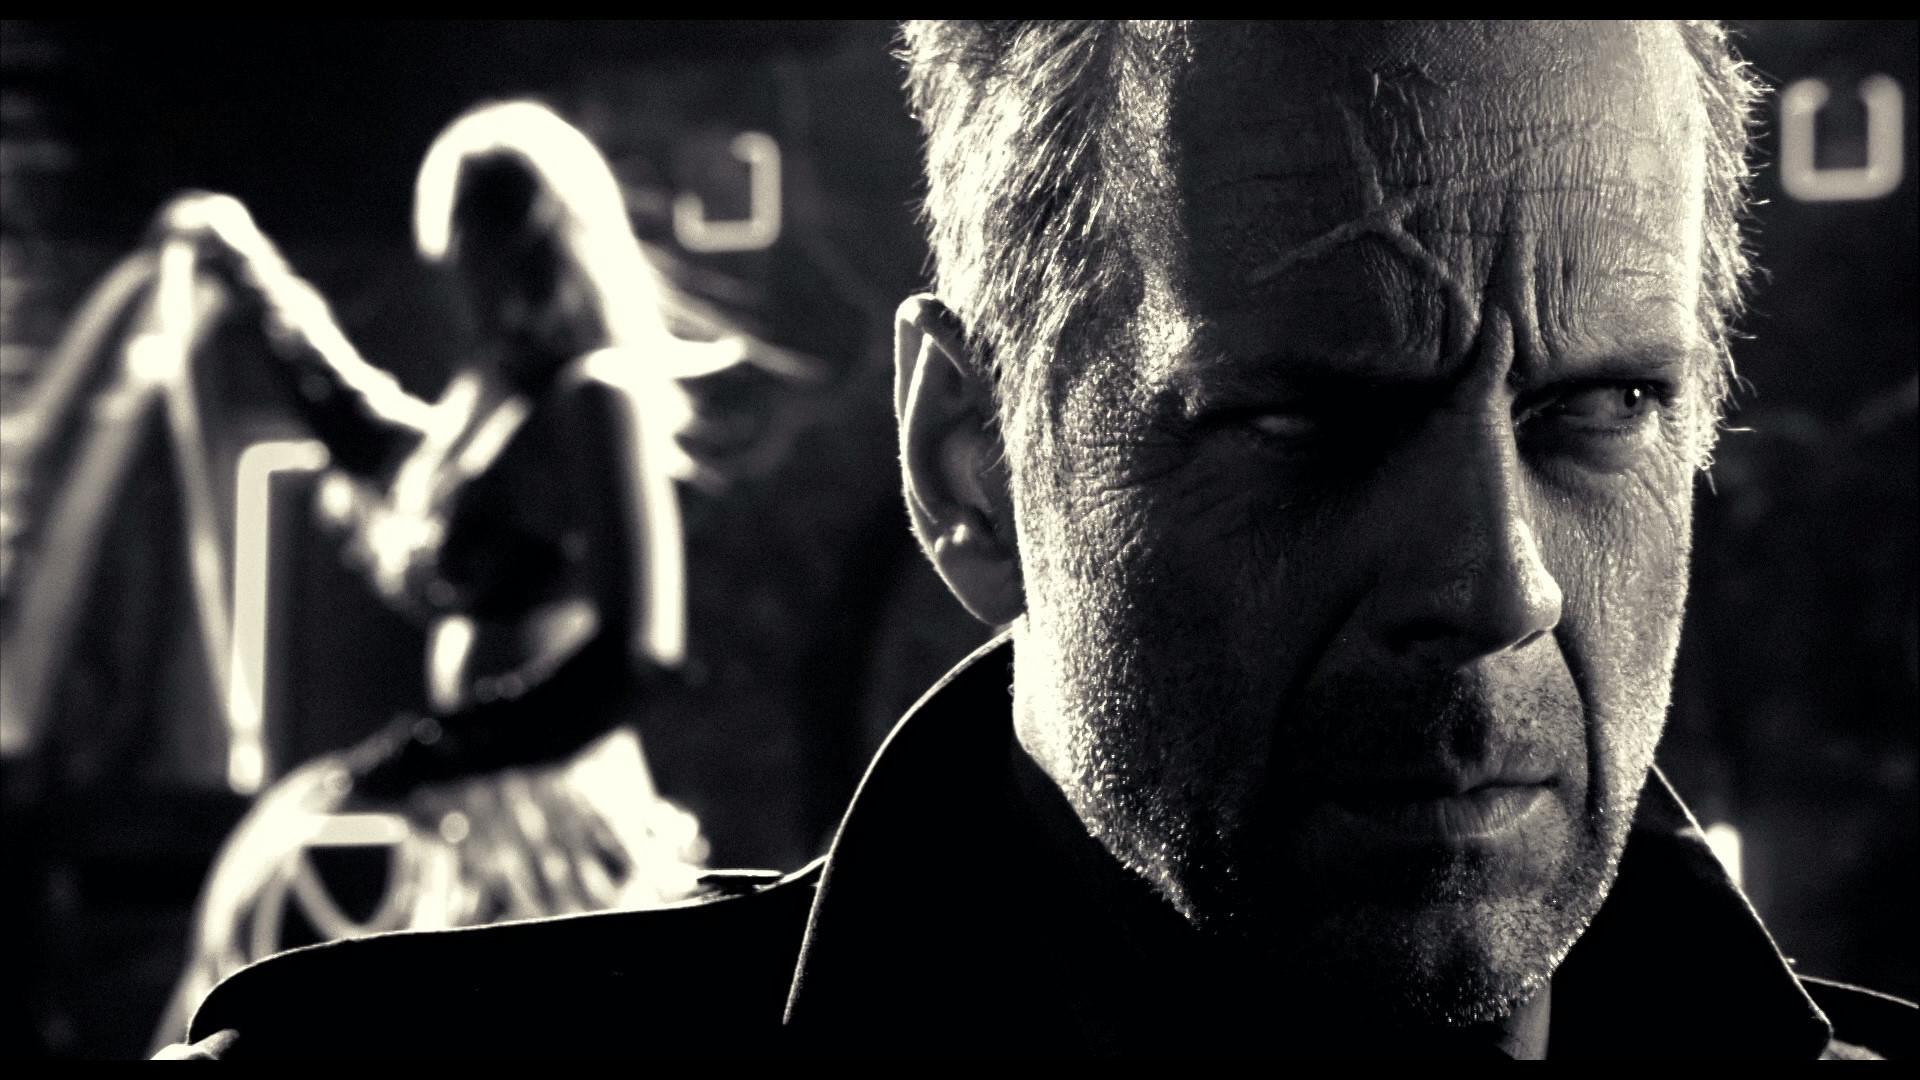 21 best Film Noir images on Pinterest | Film noir, Film noir photography  and Google search